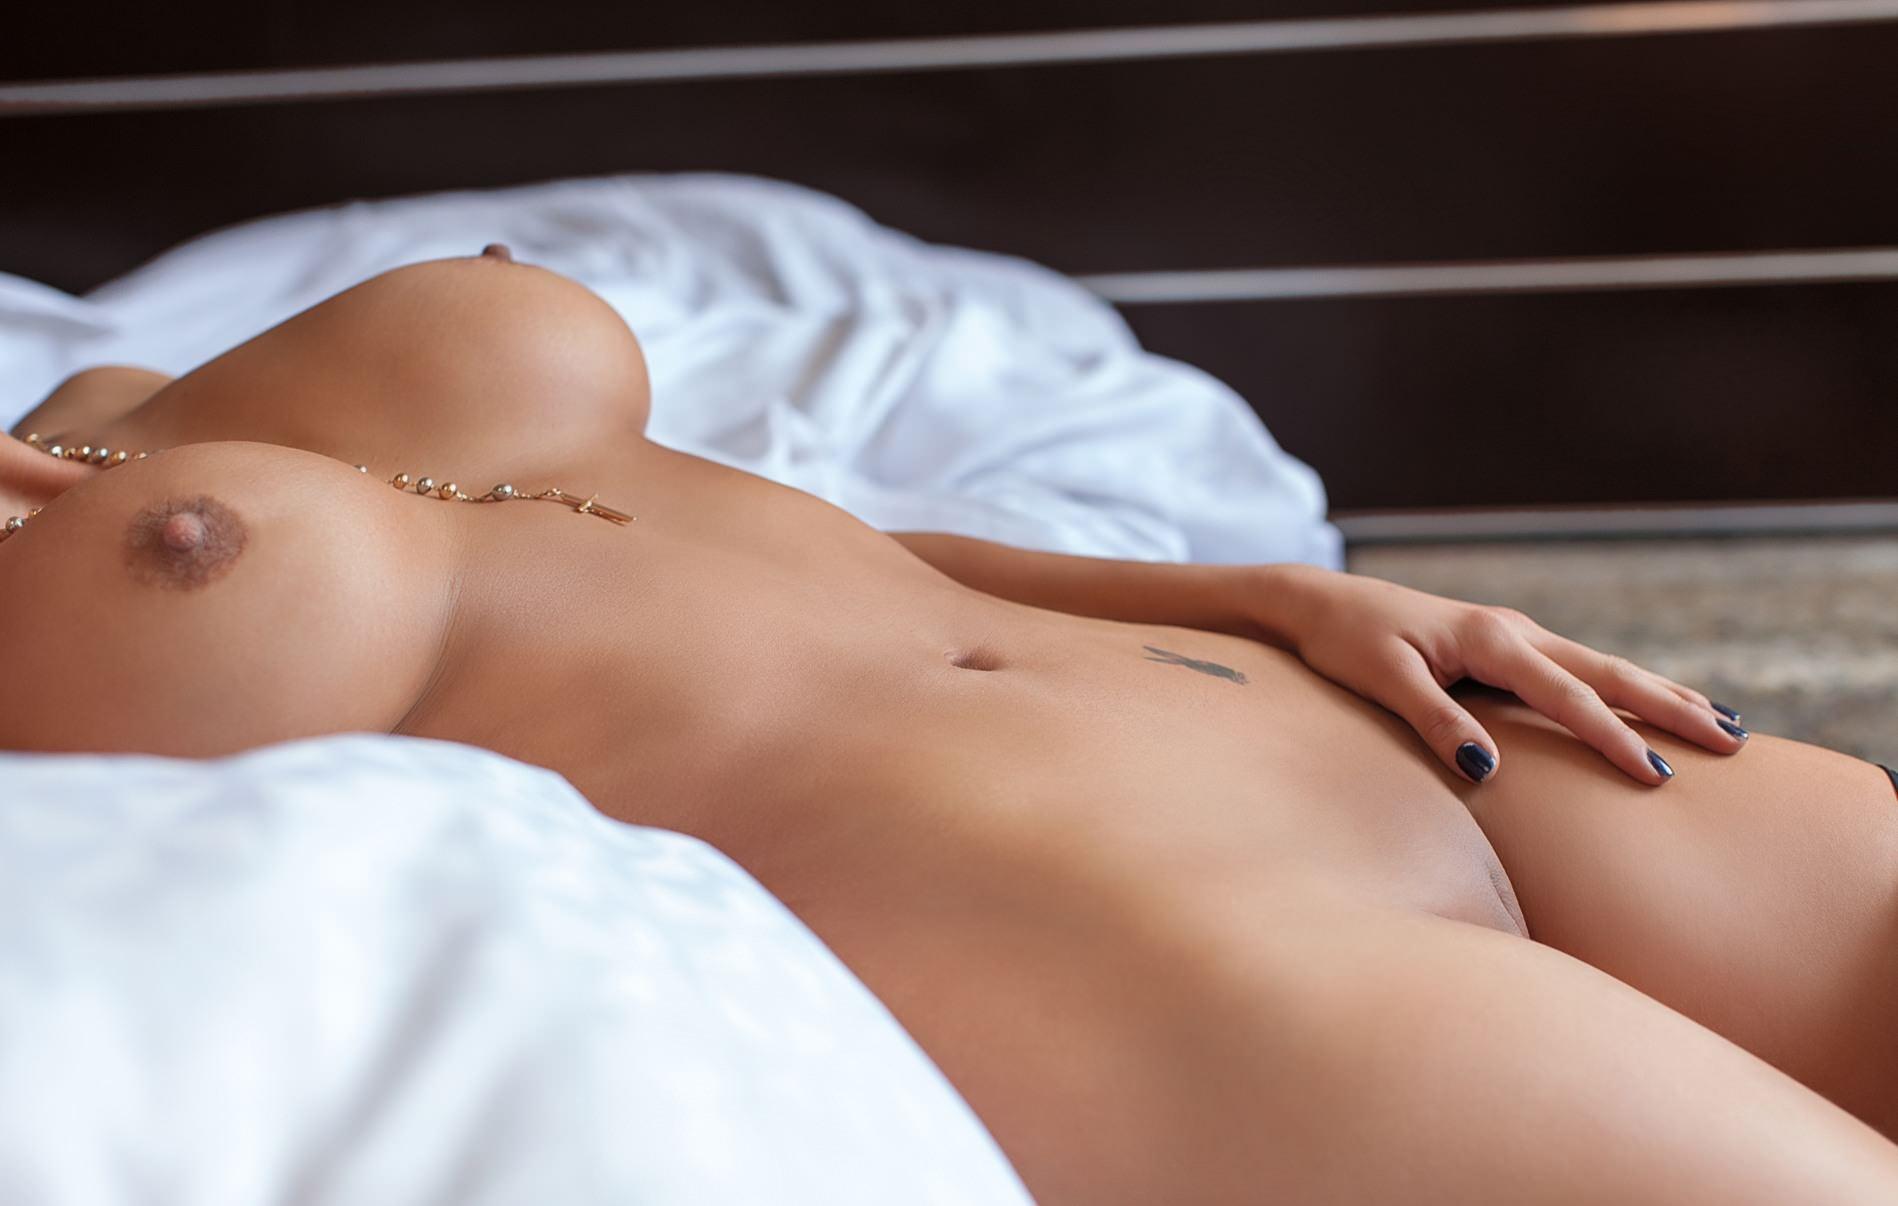 Фото Сексуальное обнаженное женское тело в постели, большие классные сиськи, бритая киска, рука гладит бедро, мелкое тату у пупка, соски, цепочка между сисек, скачать картинку бесплатно